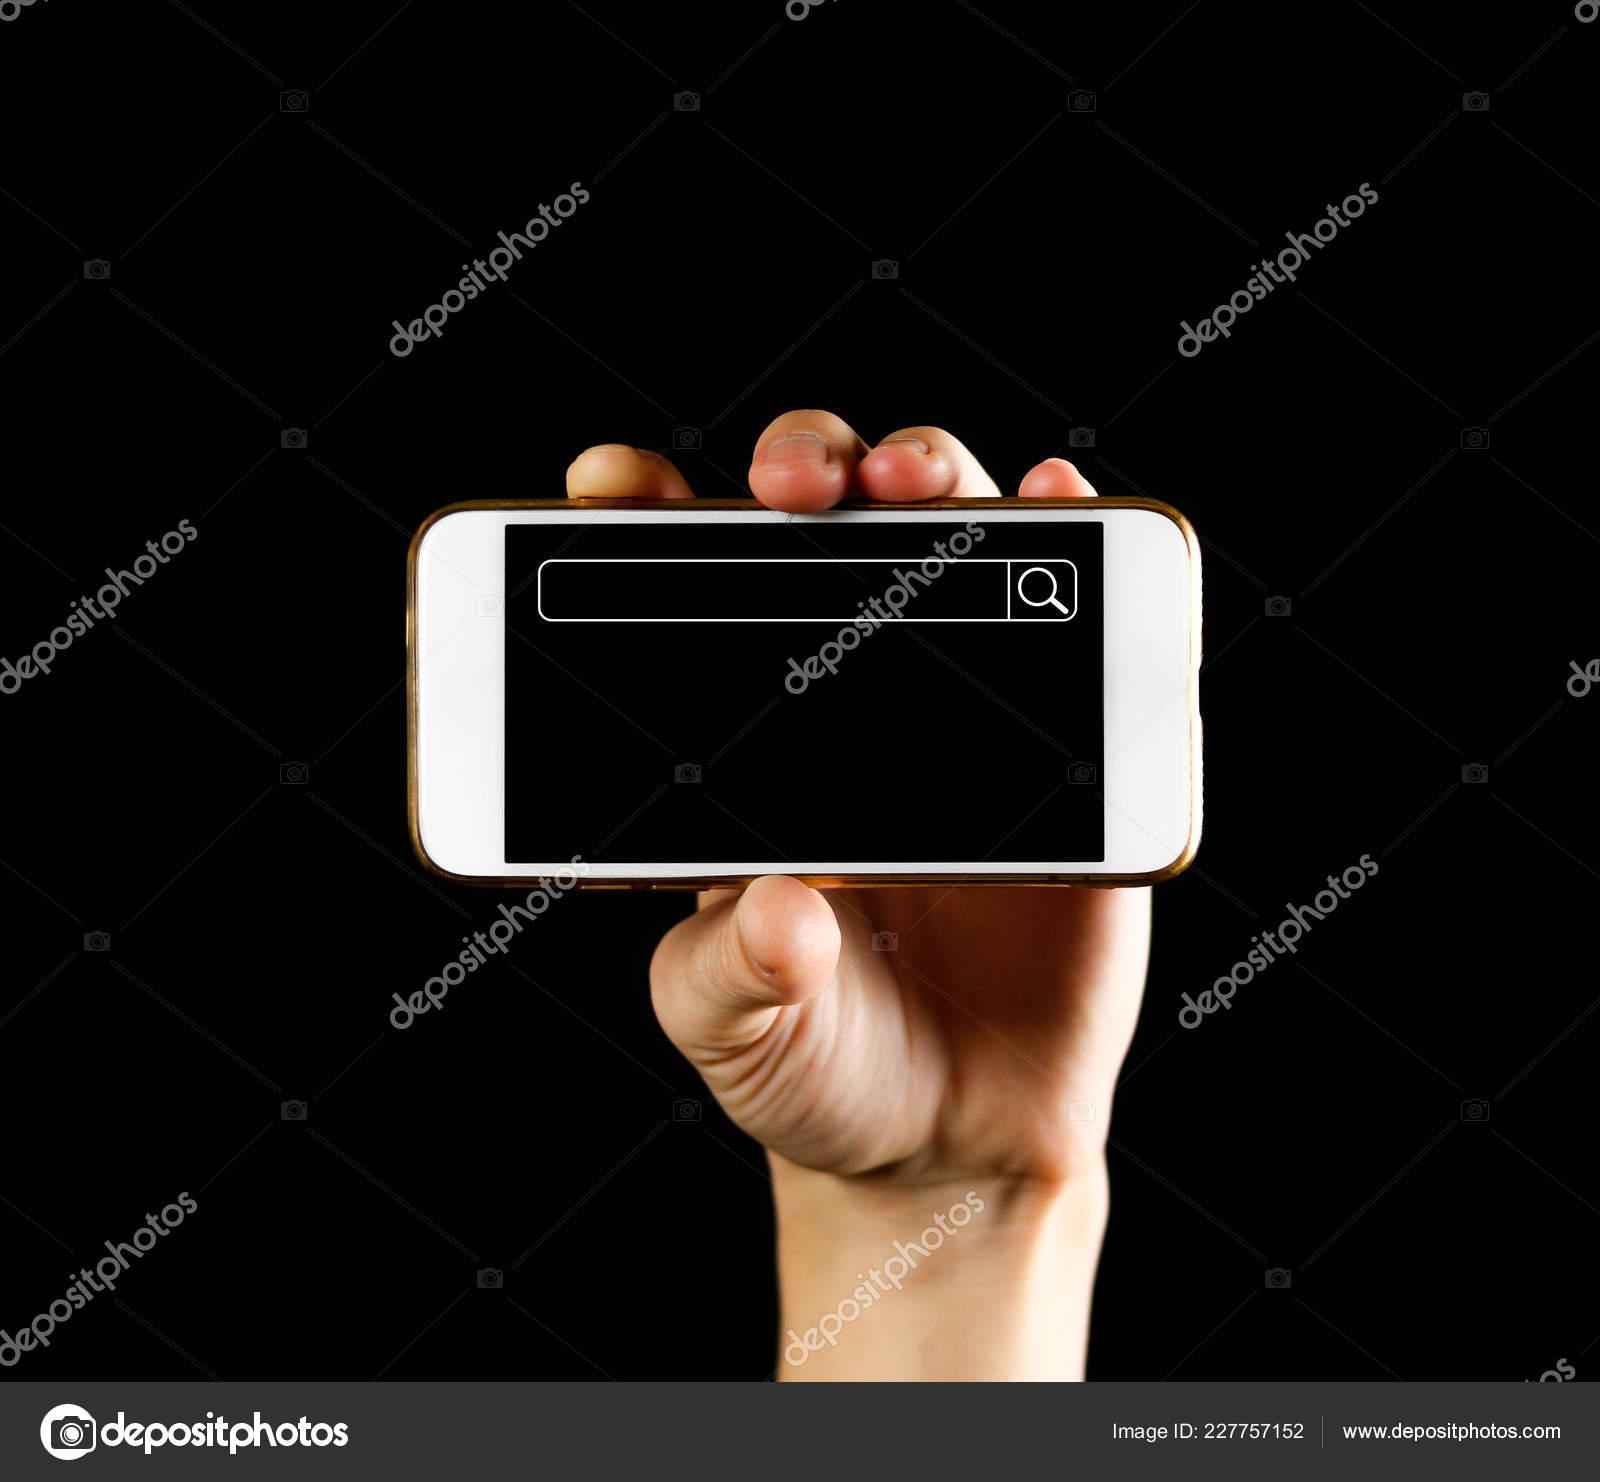 покупкой квартиры при фотографировании черный экран на телефоне летней балаклаве